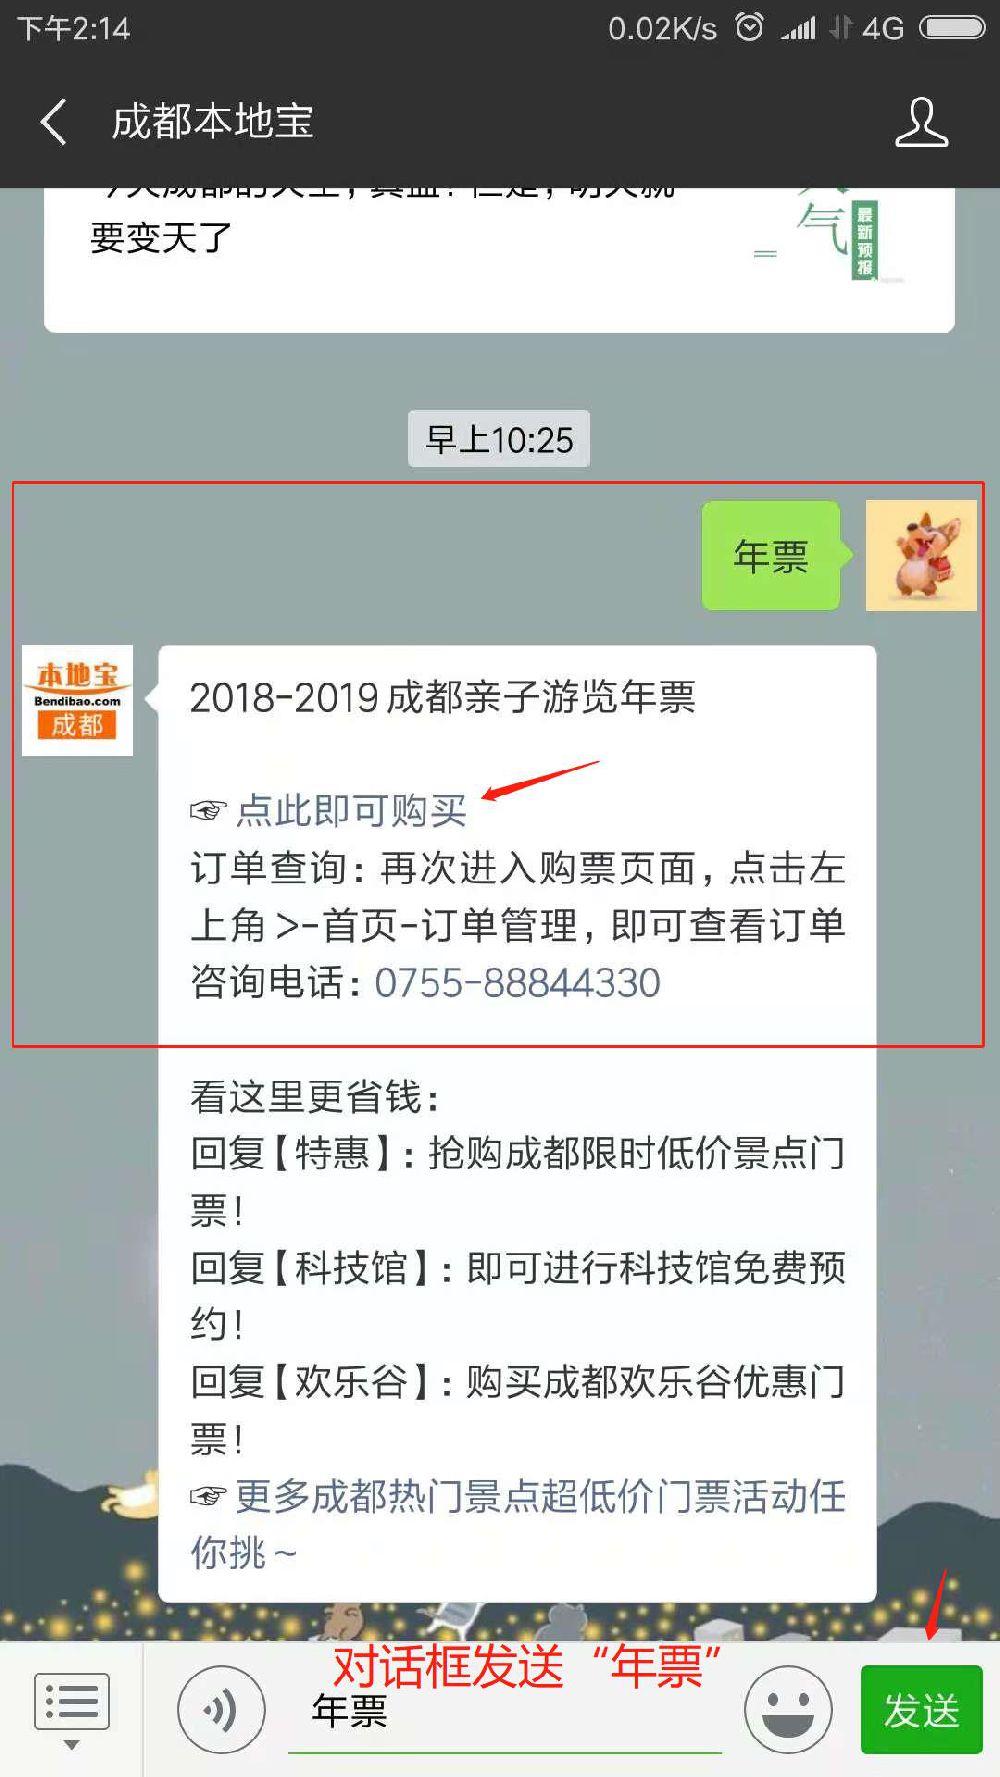 《2018-2019成都亲子游览年票》场馆目录